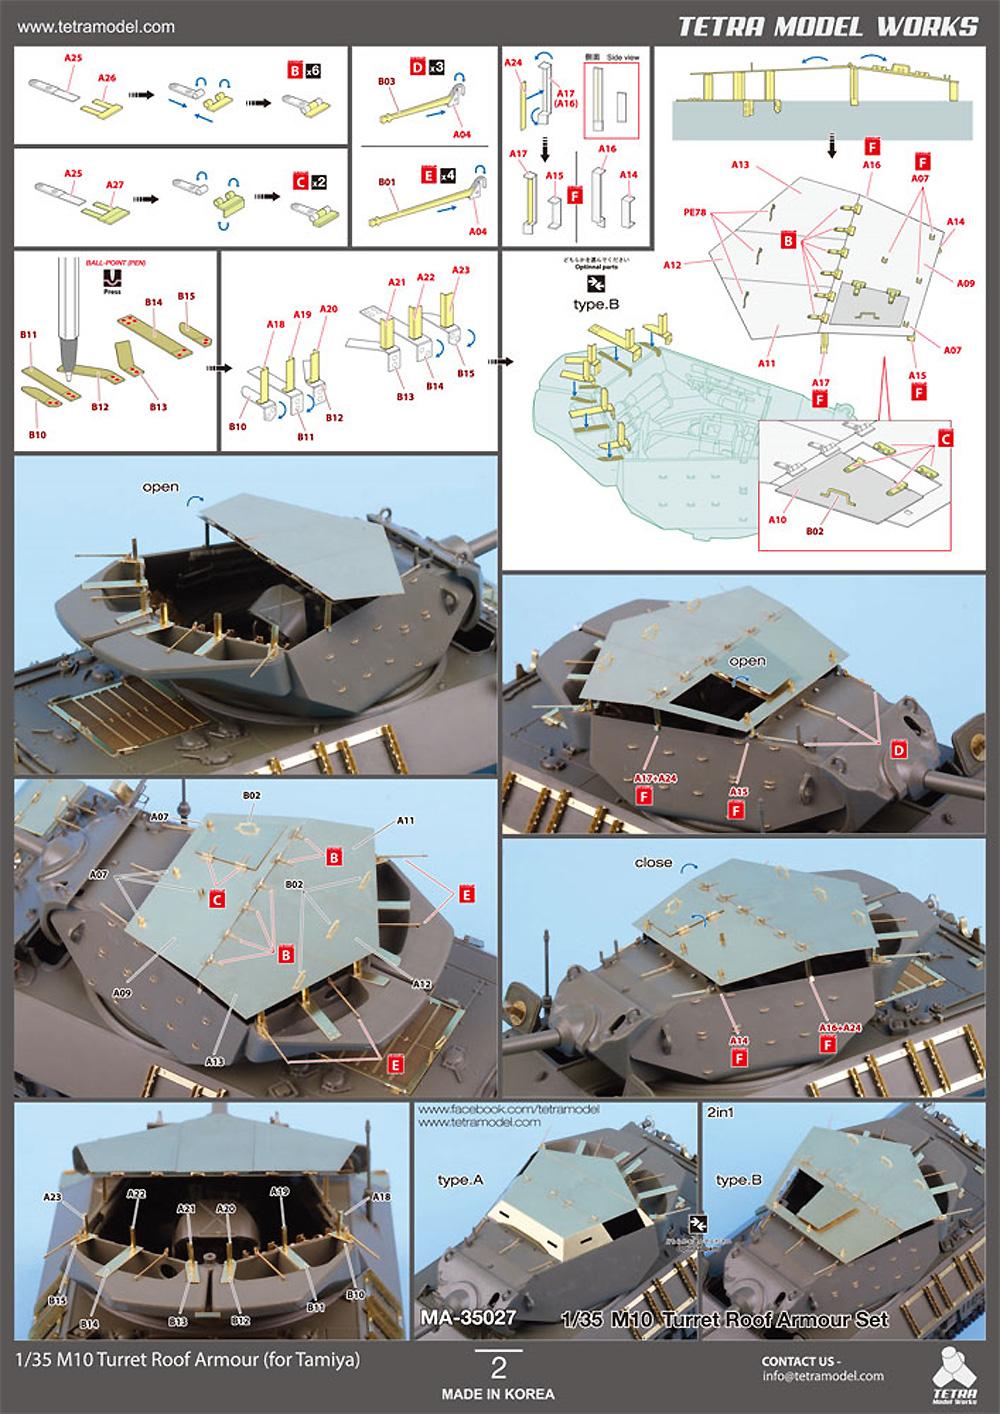 M10 駆逐戦車 ターレットルーフ アーマーセット (タミヤ対応)エッチング(テトラモデルワークスAFV エッチングパーツNo.ME-35027)商品画像_3